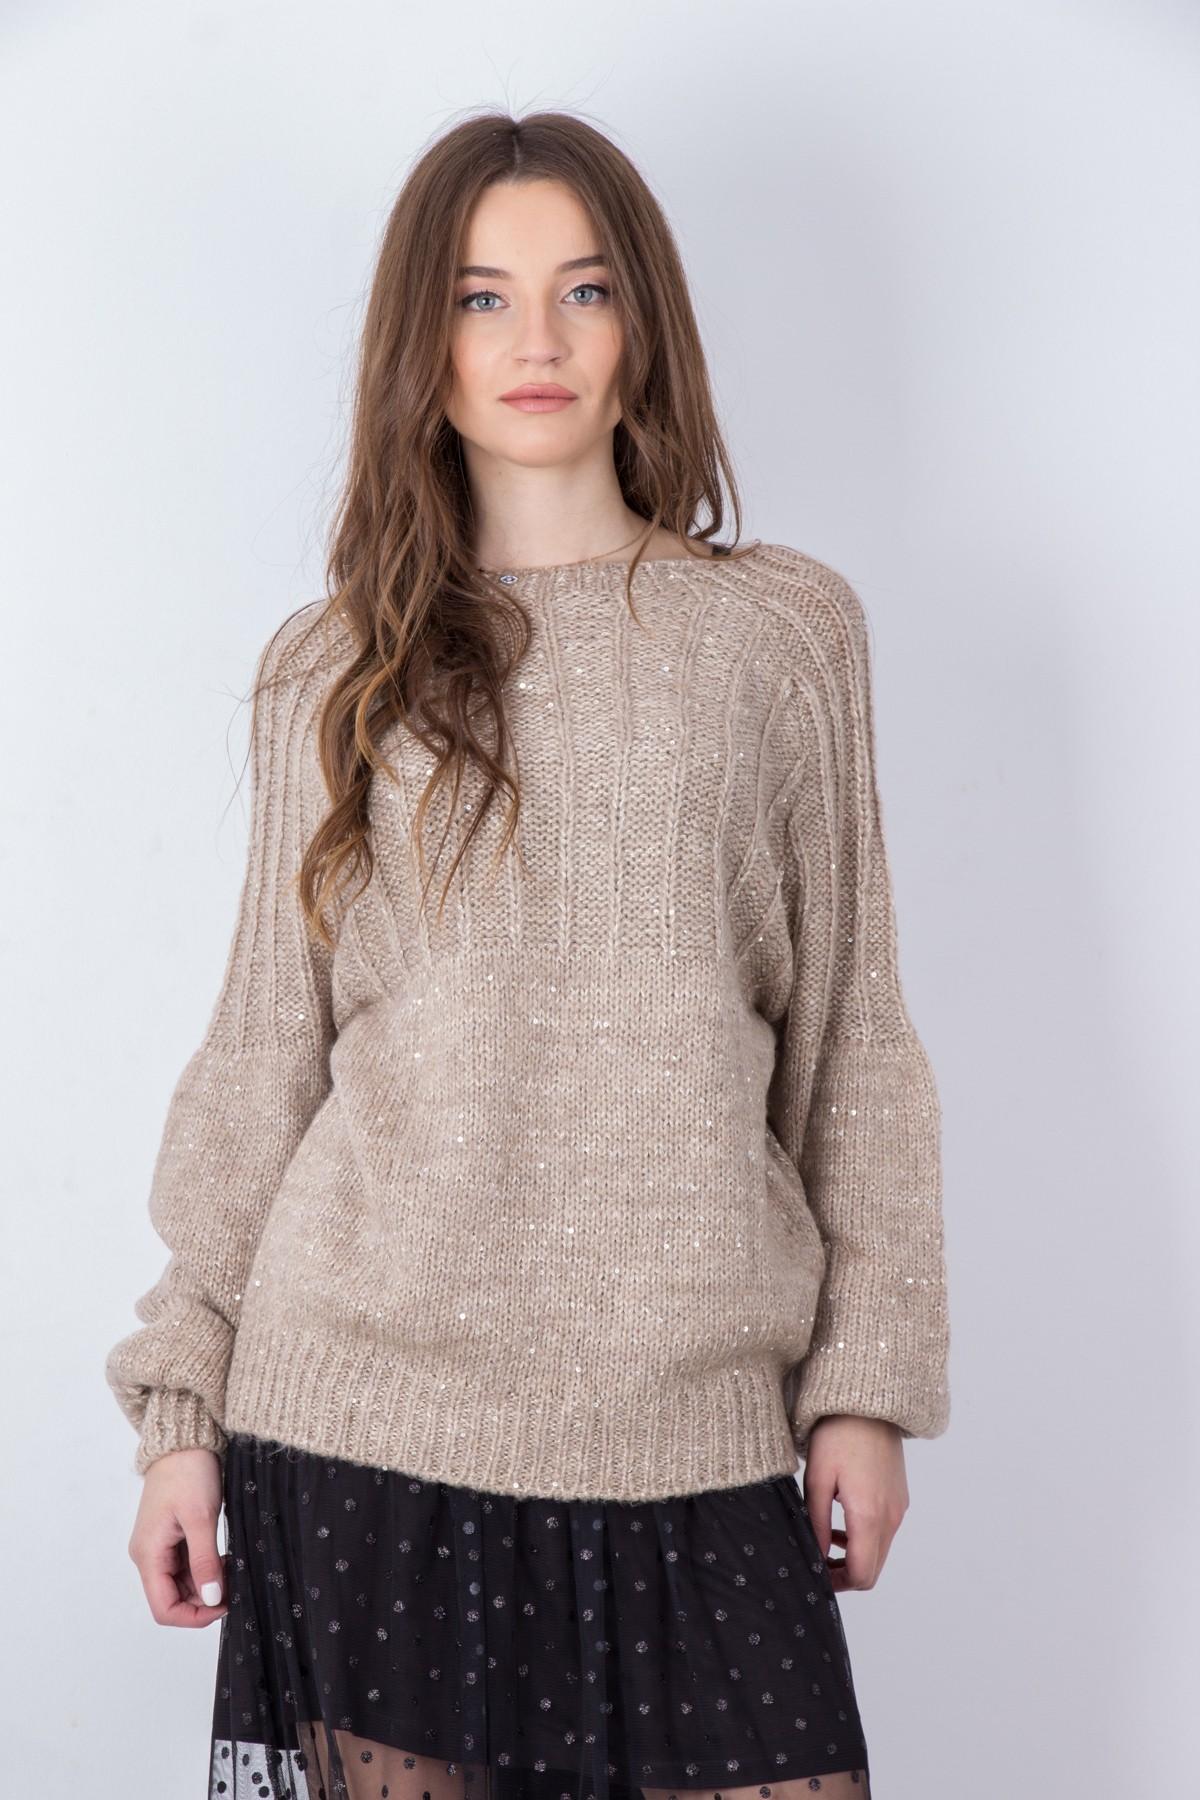 972e61f778eb ... Γυναικεία μπλούζα πλεκτή με παγιέτες ΚΑΦΕ. -51%. OEM ...